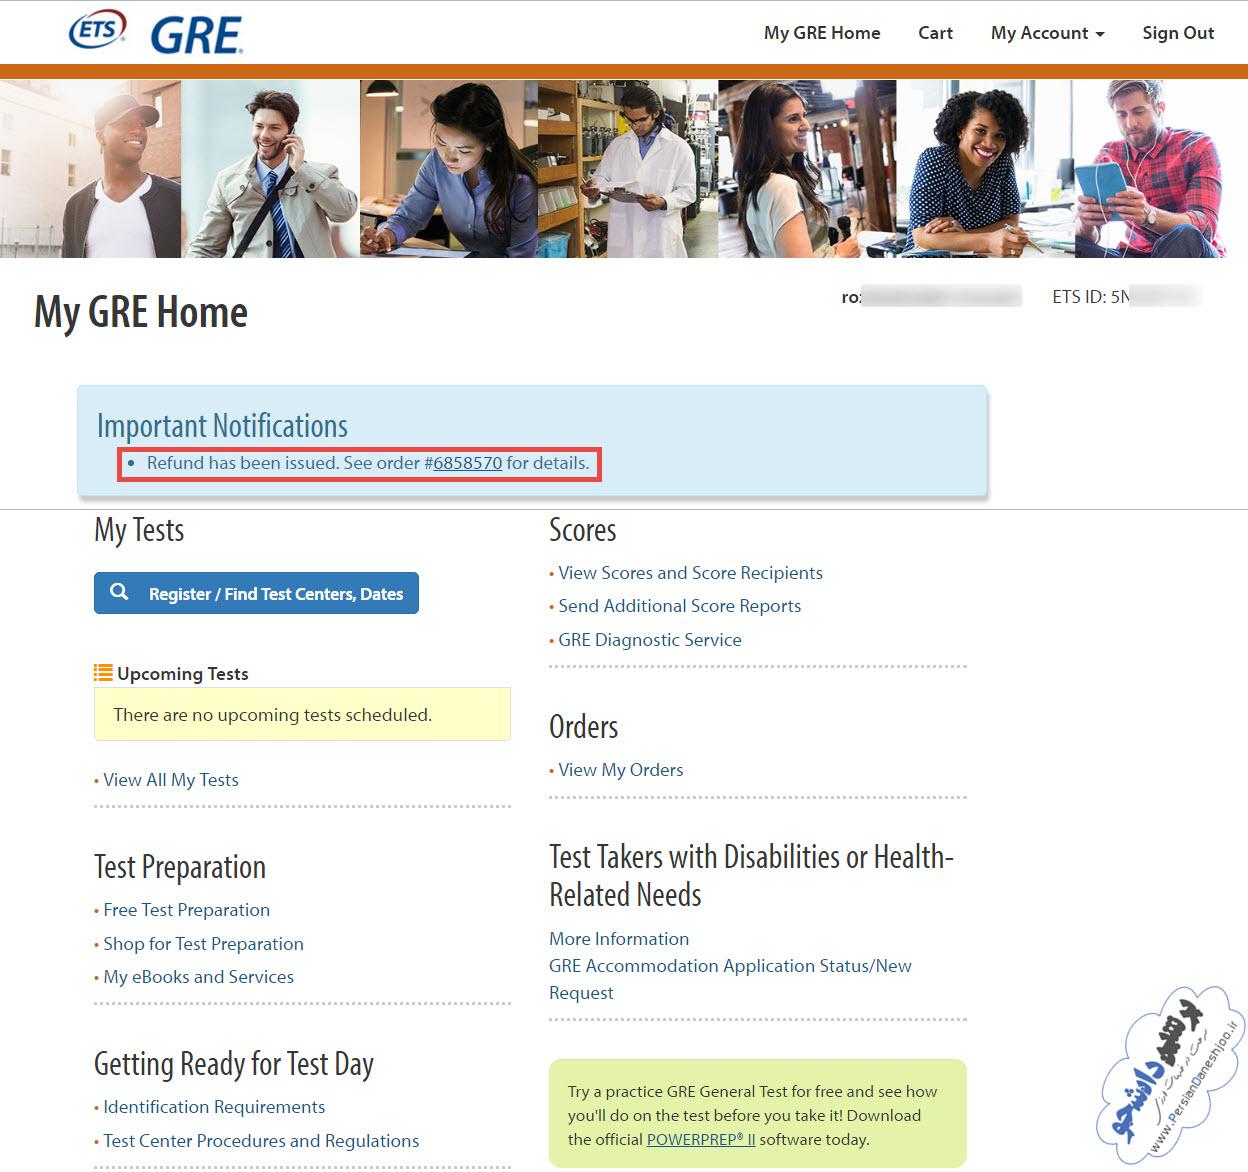 راهنمای لغو آزمون GRE